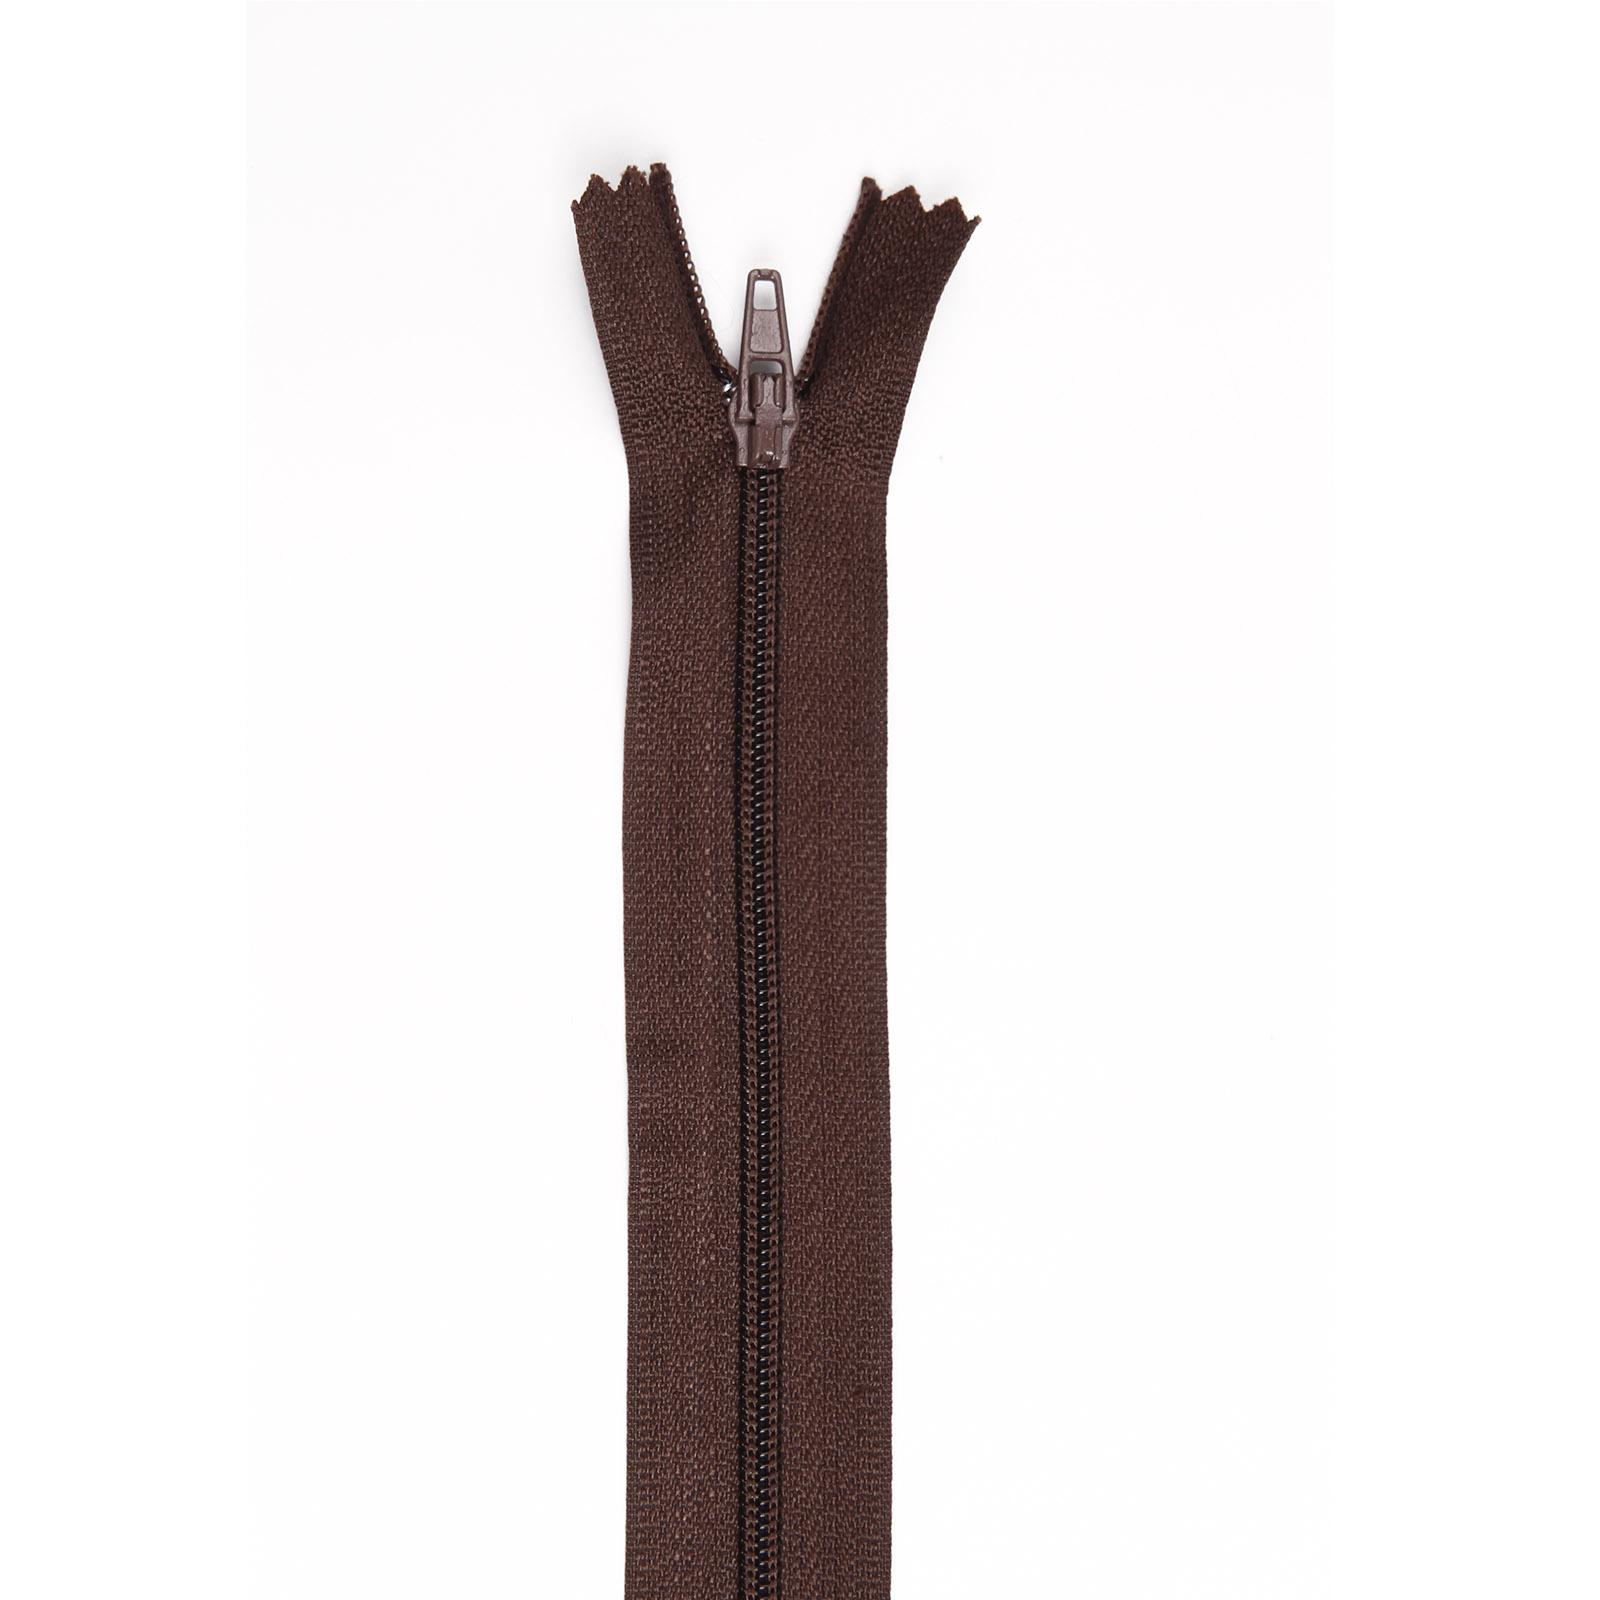 Caf 15x fermeture clair glissiere 30 cm mercerie couture - Boutique loisir creatif paris ...